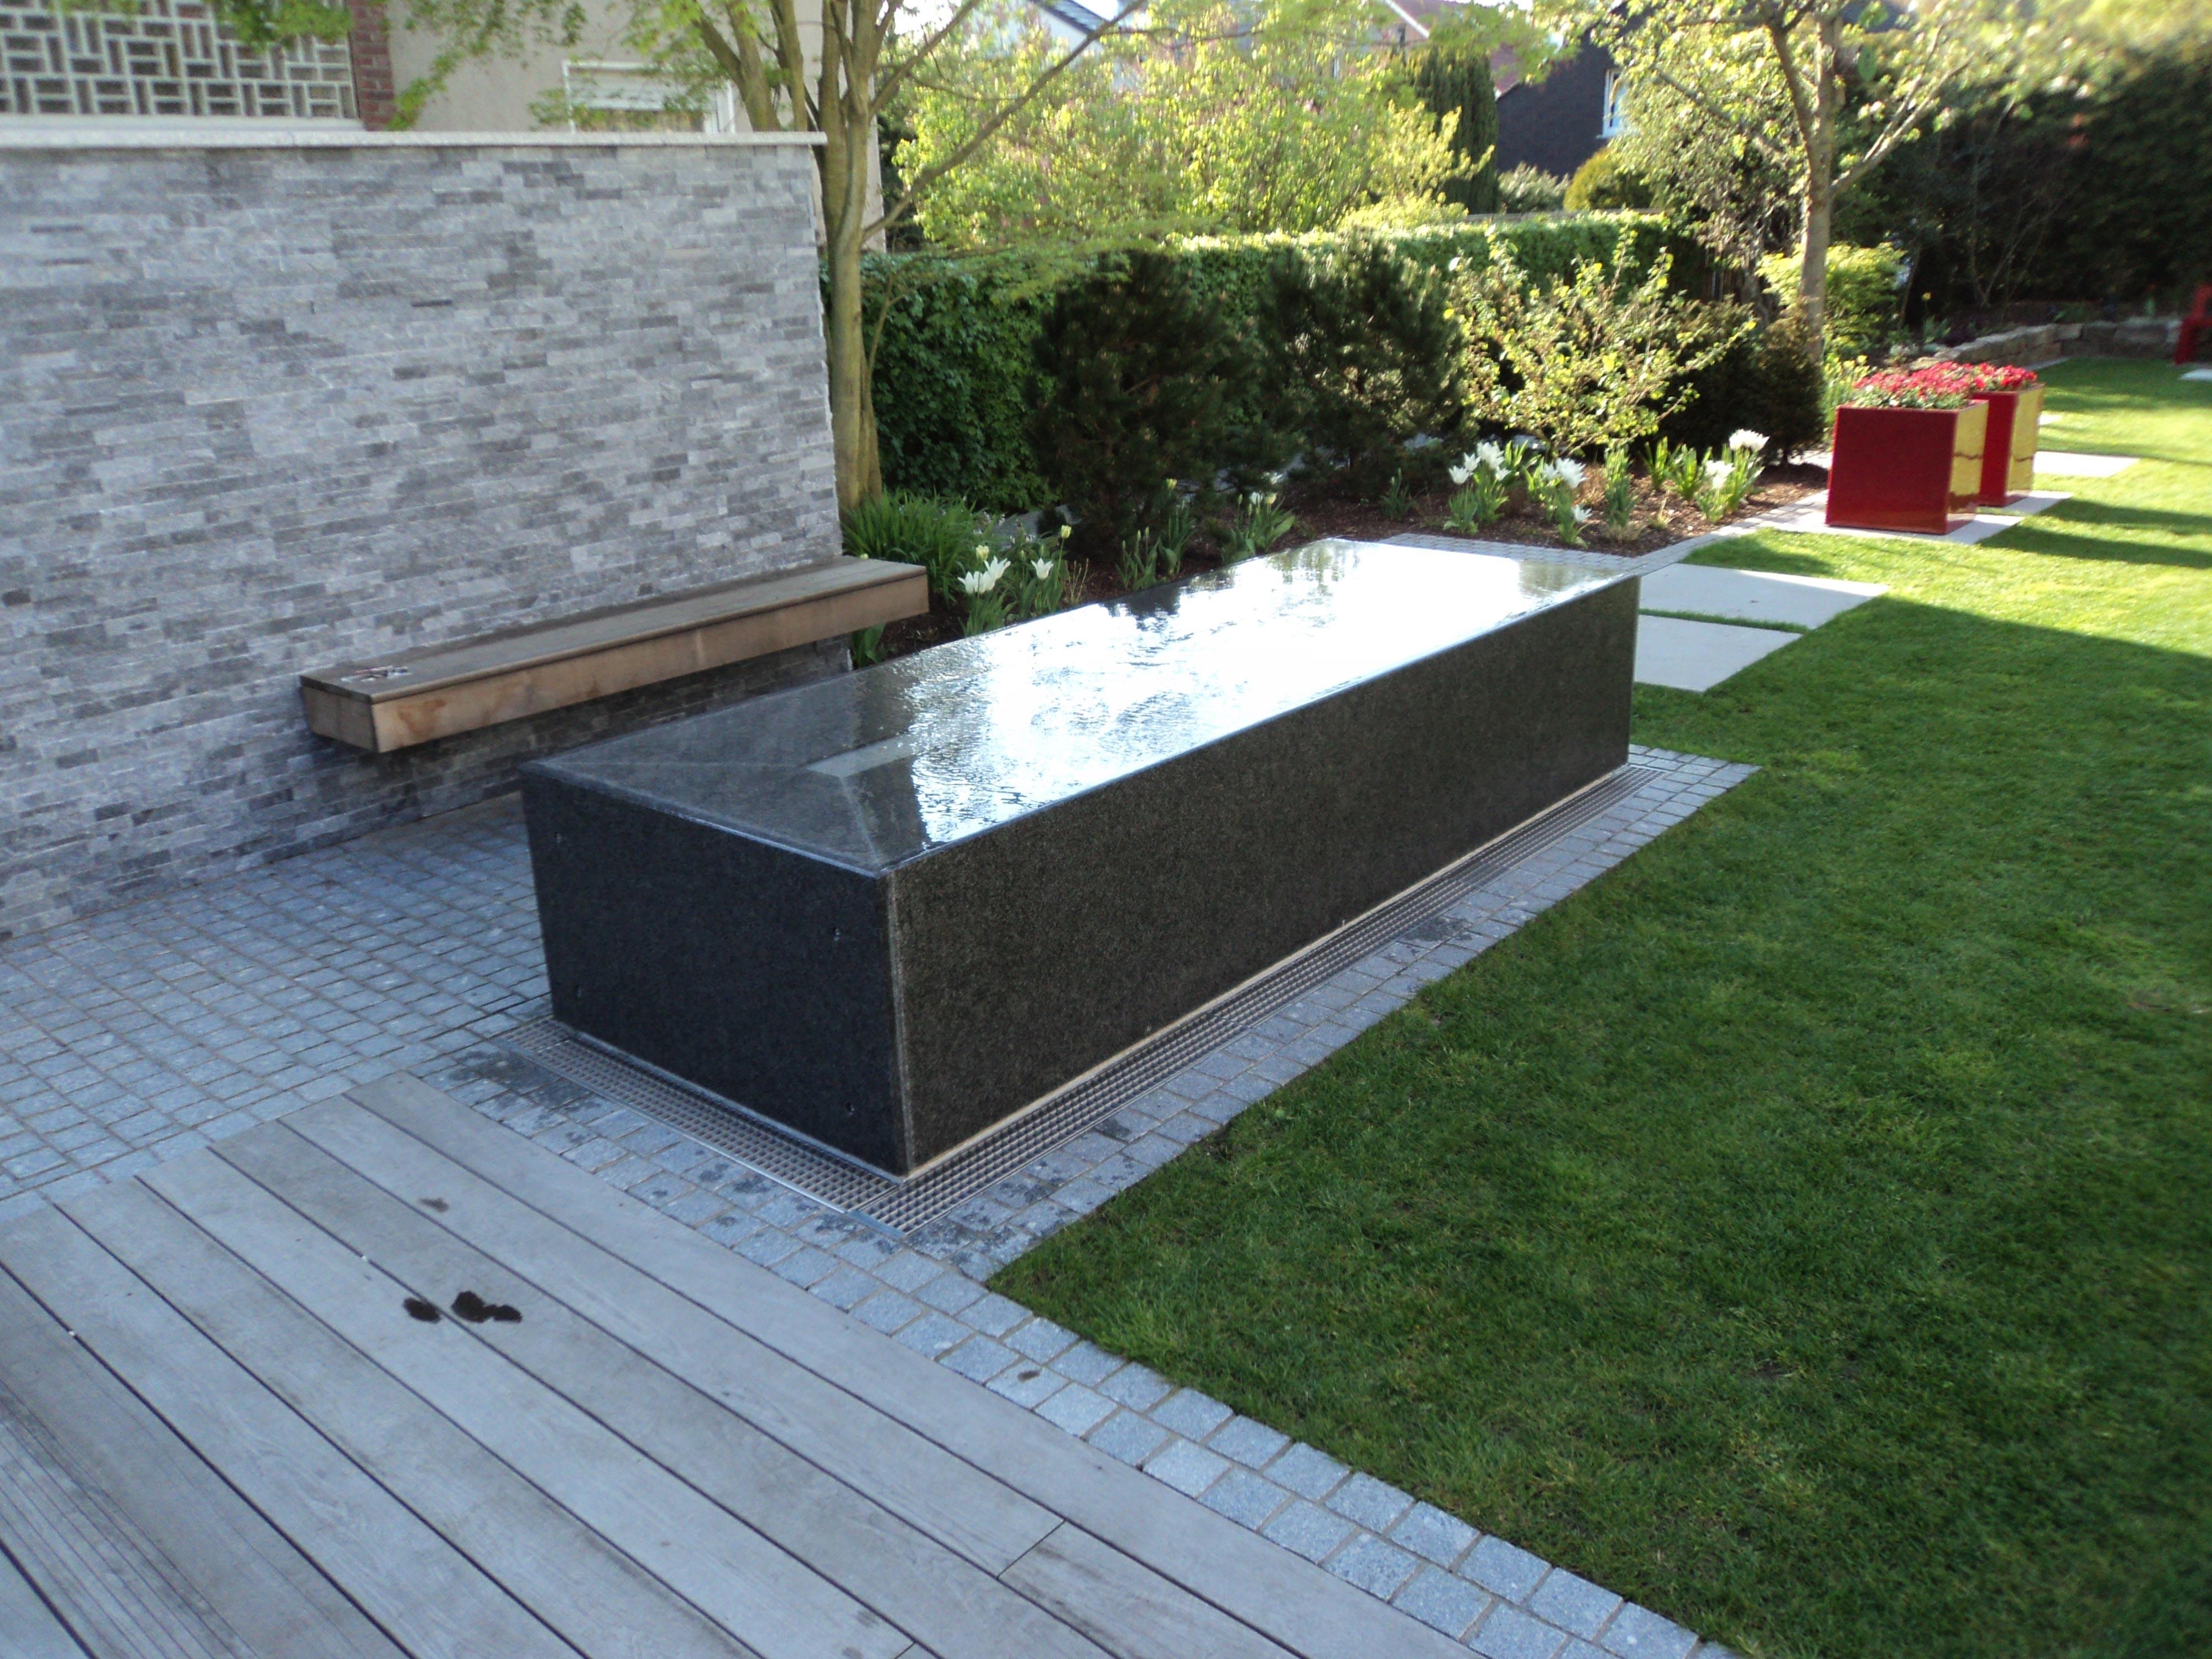 granitwassertisch-wasserablauf04_web.jpg